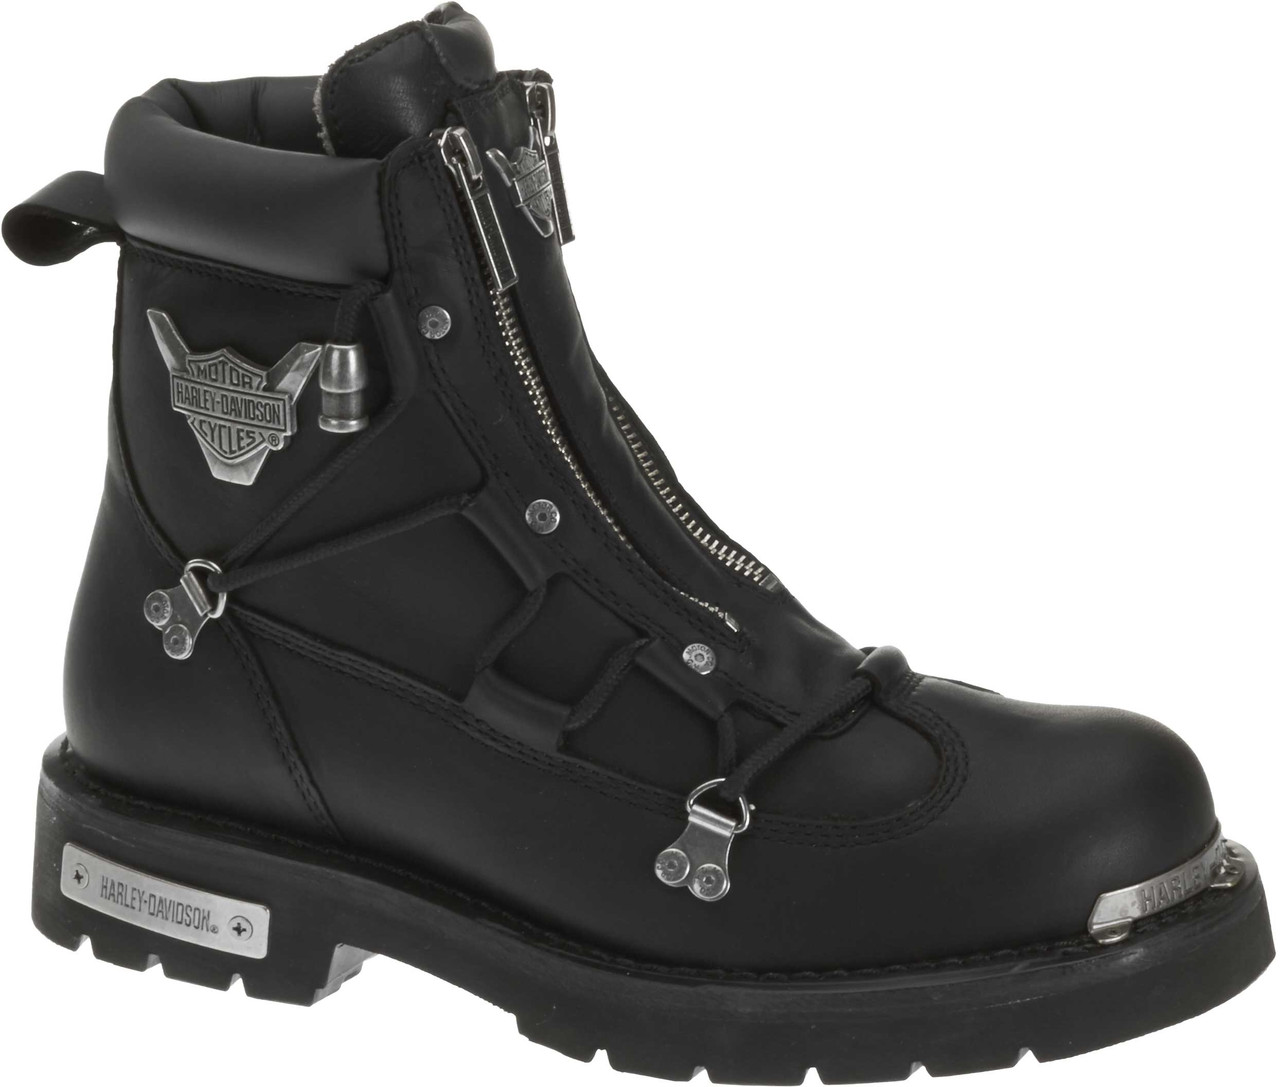 d64429f5151 Harley-Davidson® Men's Brake Light Black 6.25-Inch Motorcycle Boots D91680